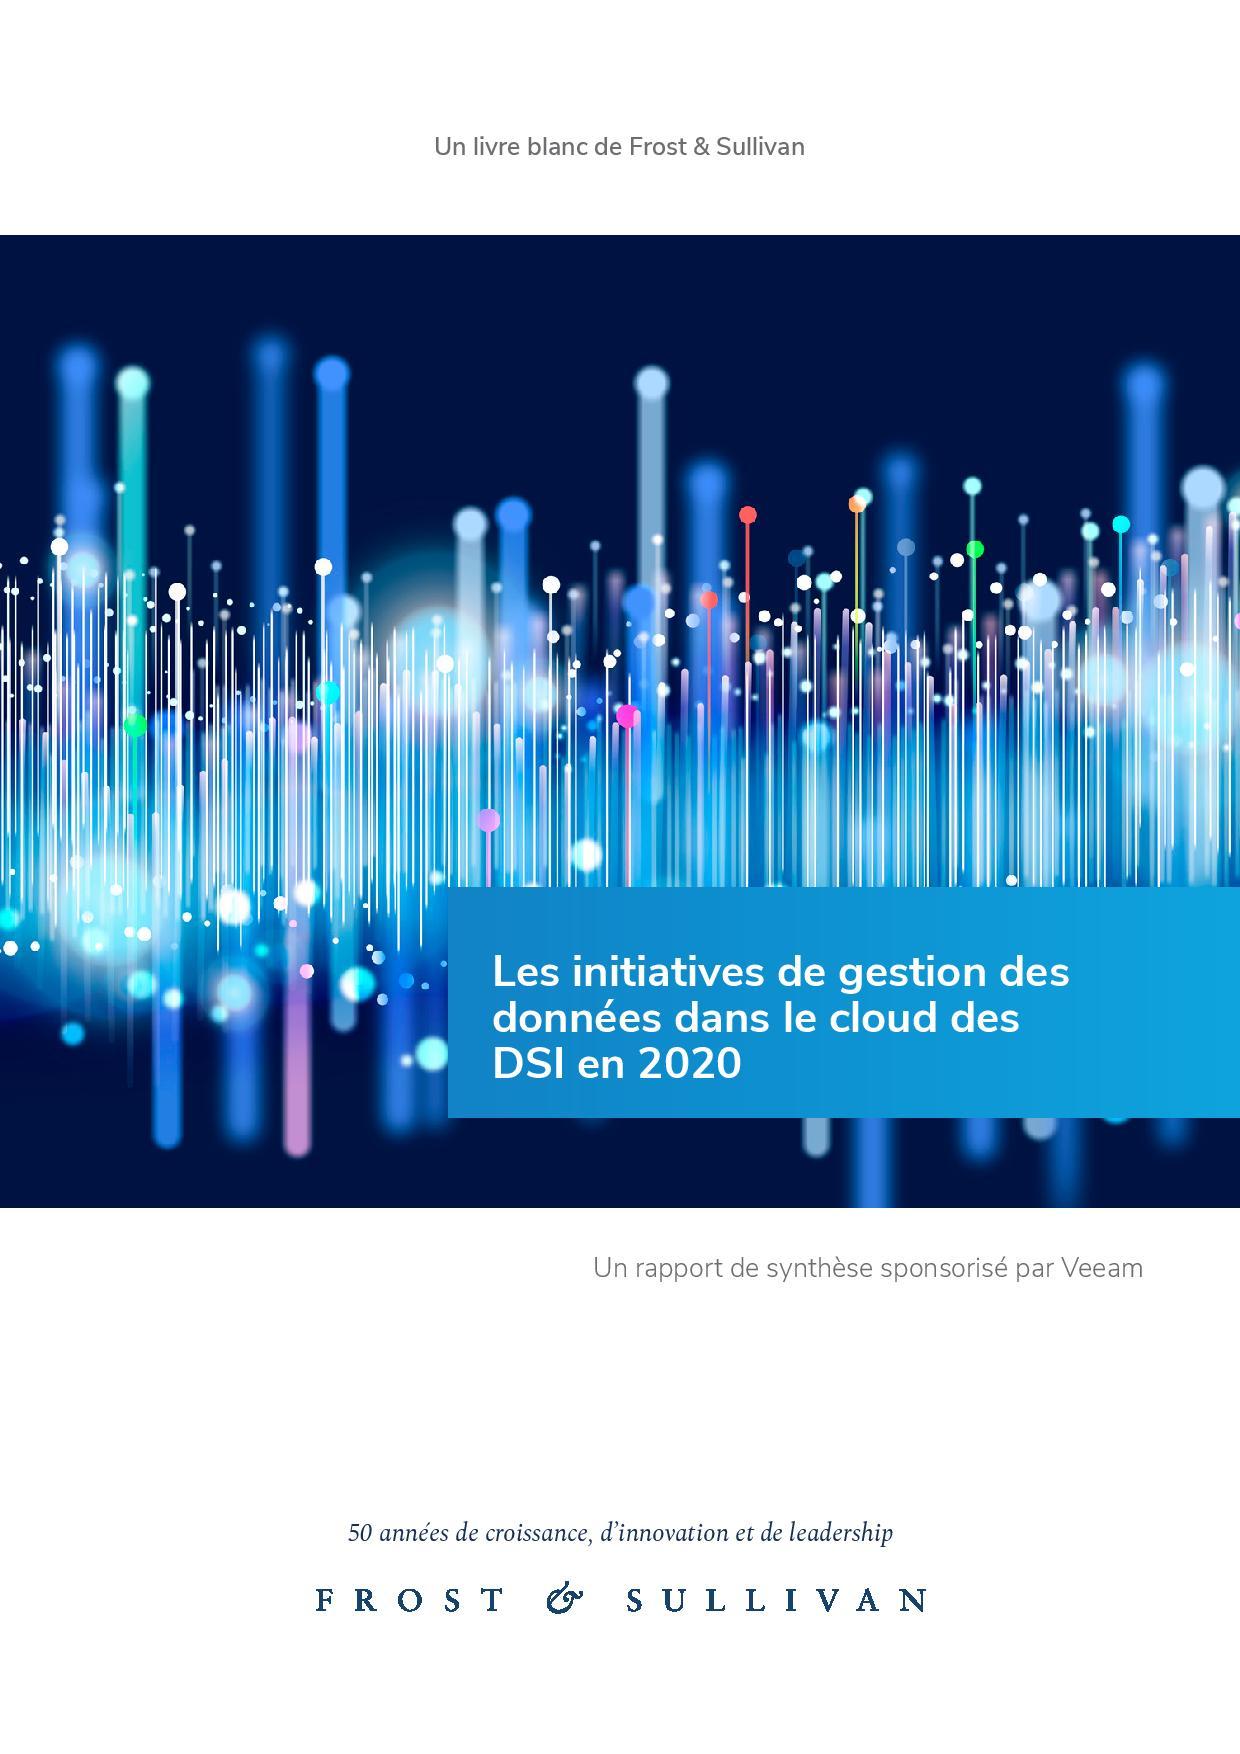 Les initiatives de gestion des données dans le cloud des DSI en 2020